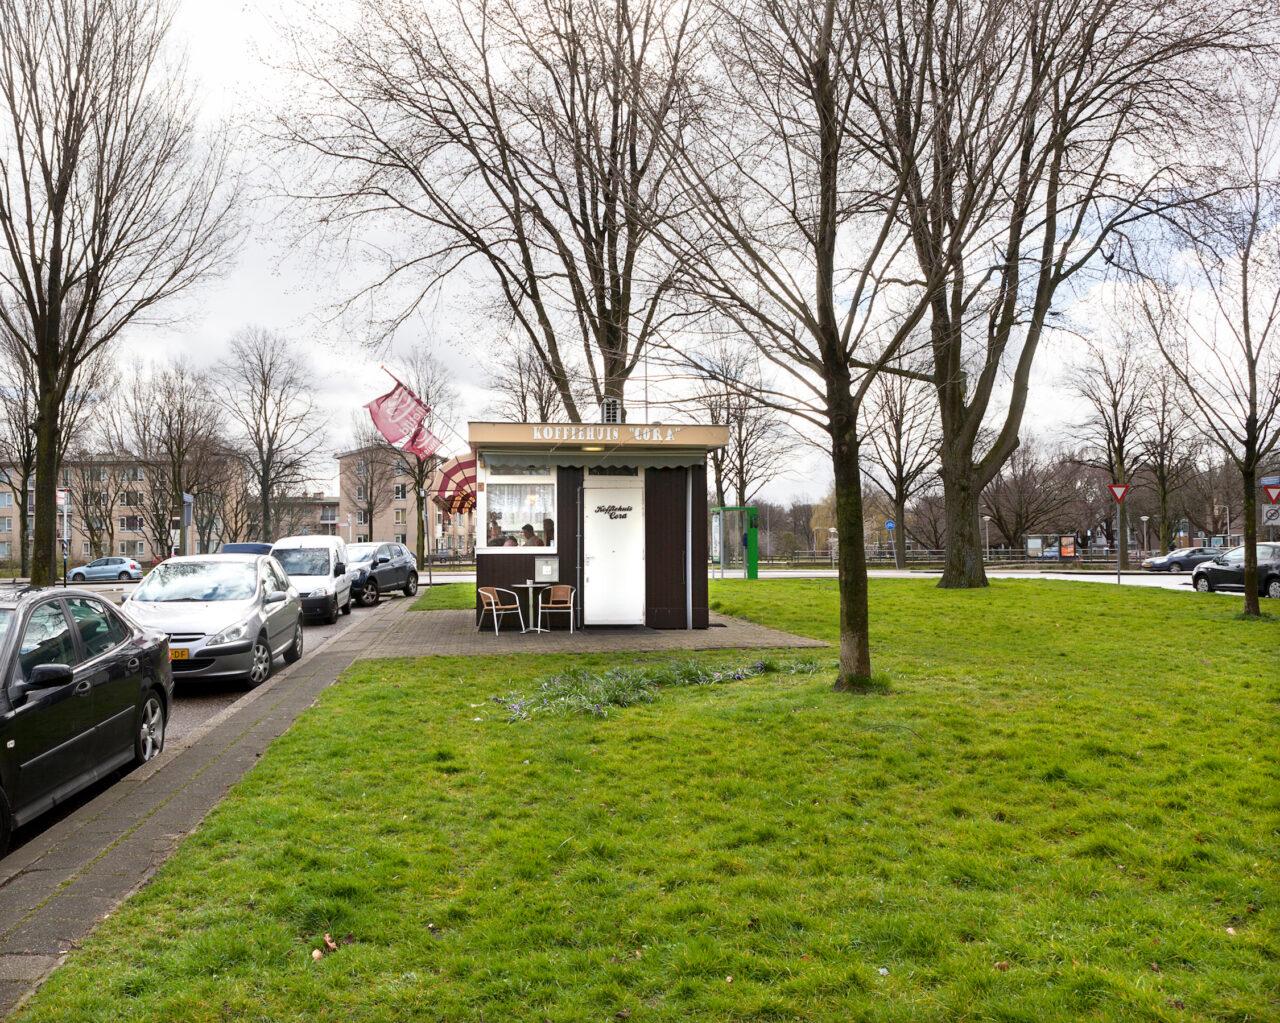 Koffiehuis CoraAagje Dekenlaan t/o 63, open vanaf 6.00 uur.